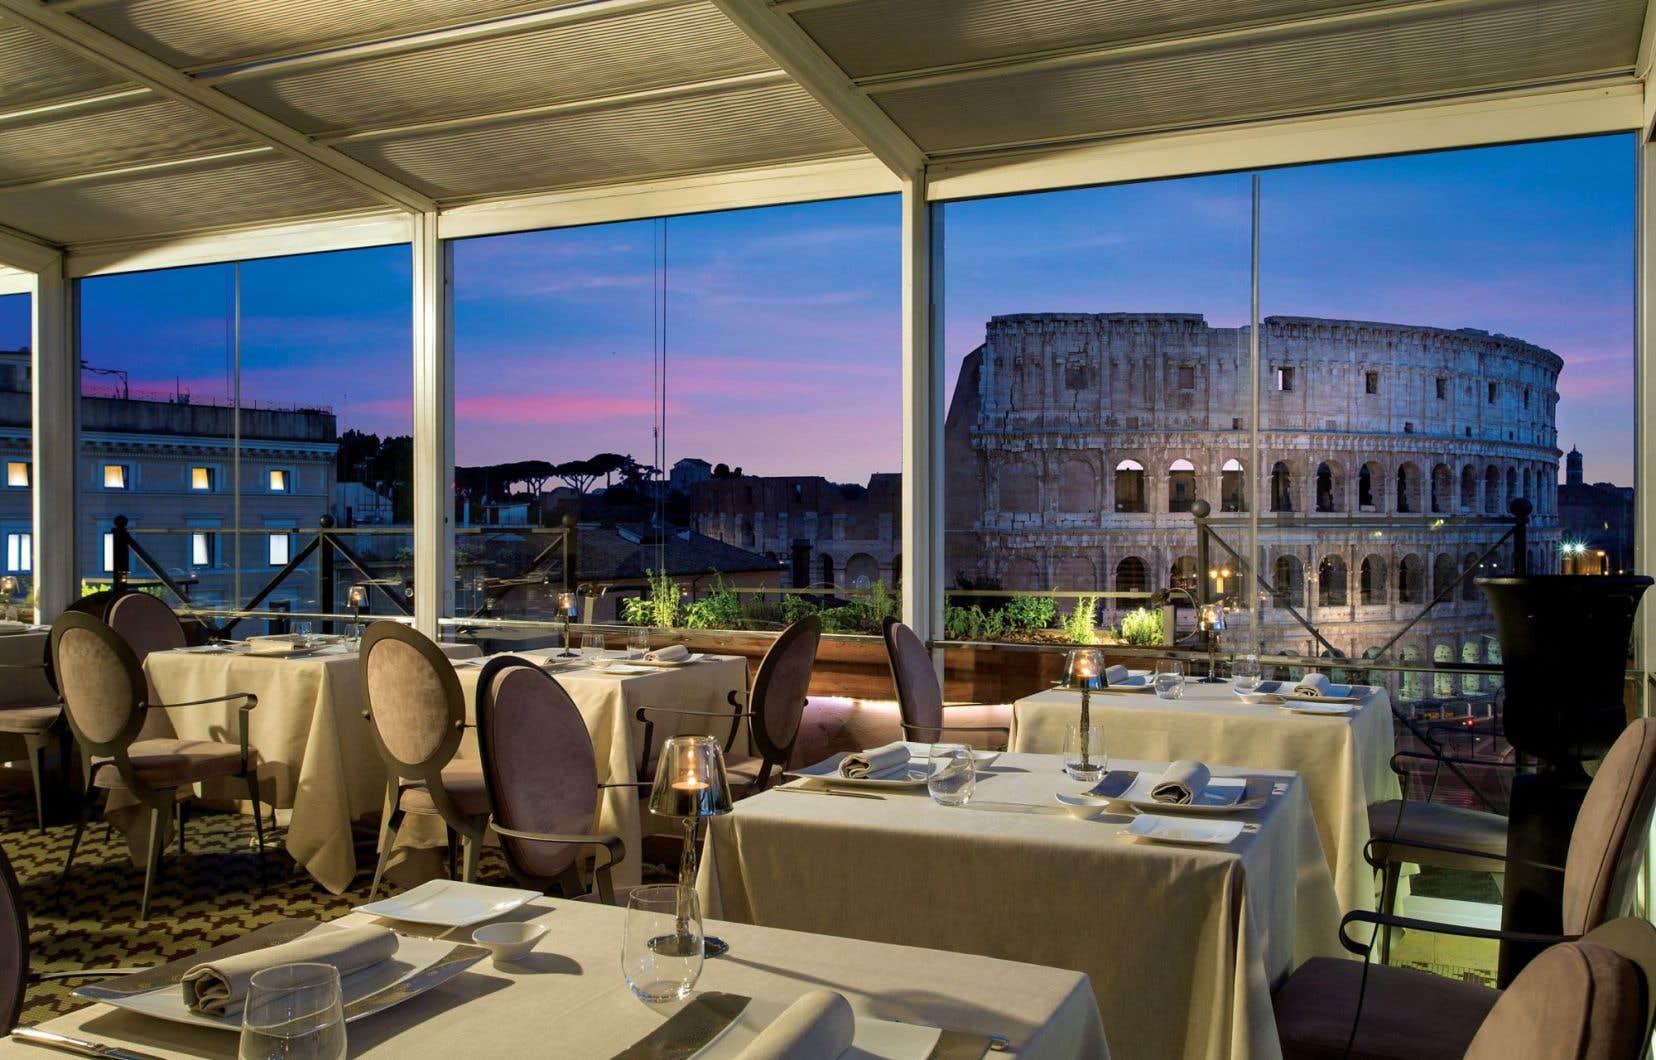 Aroma, le restaurant étoilé du Palazzo Manfredi, un superbe Relais Châteaux romain, fournit le décor idéal à la grande demande.